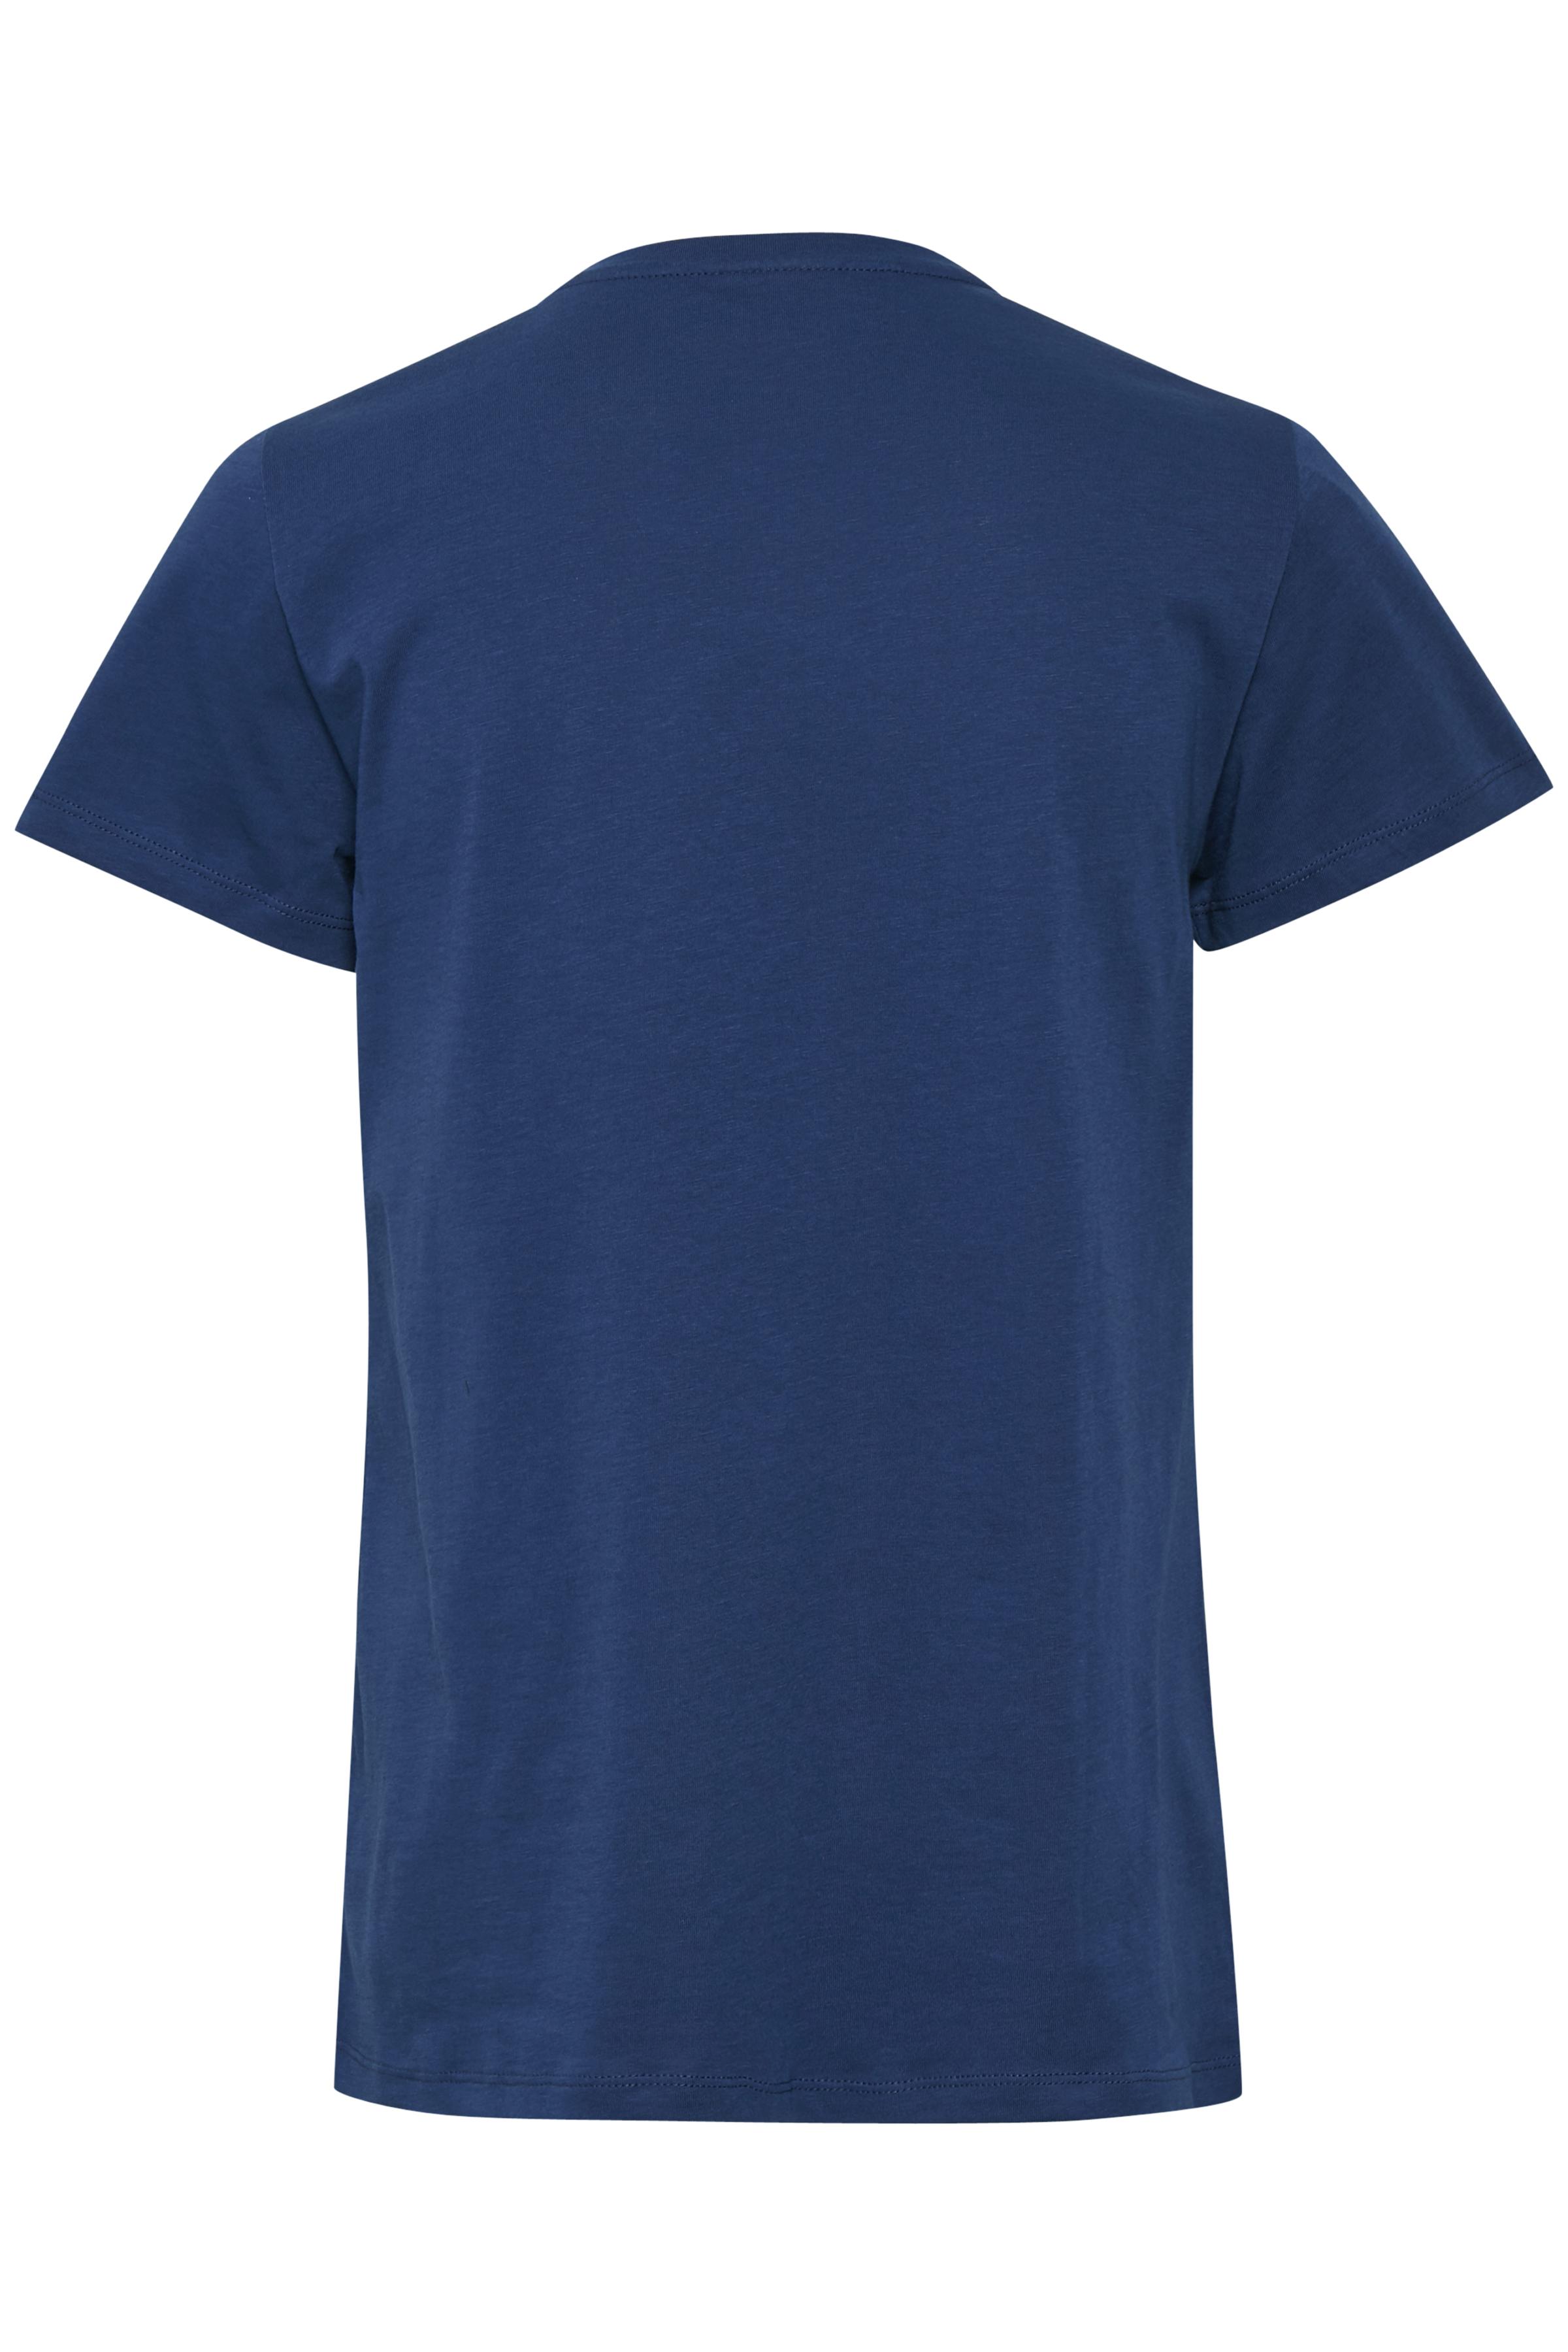 Koboltblå Kortärmad T-shirt från Kaffe – Köp Koboltblå Kortärmad T-shirt från stl. XS-XXL här